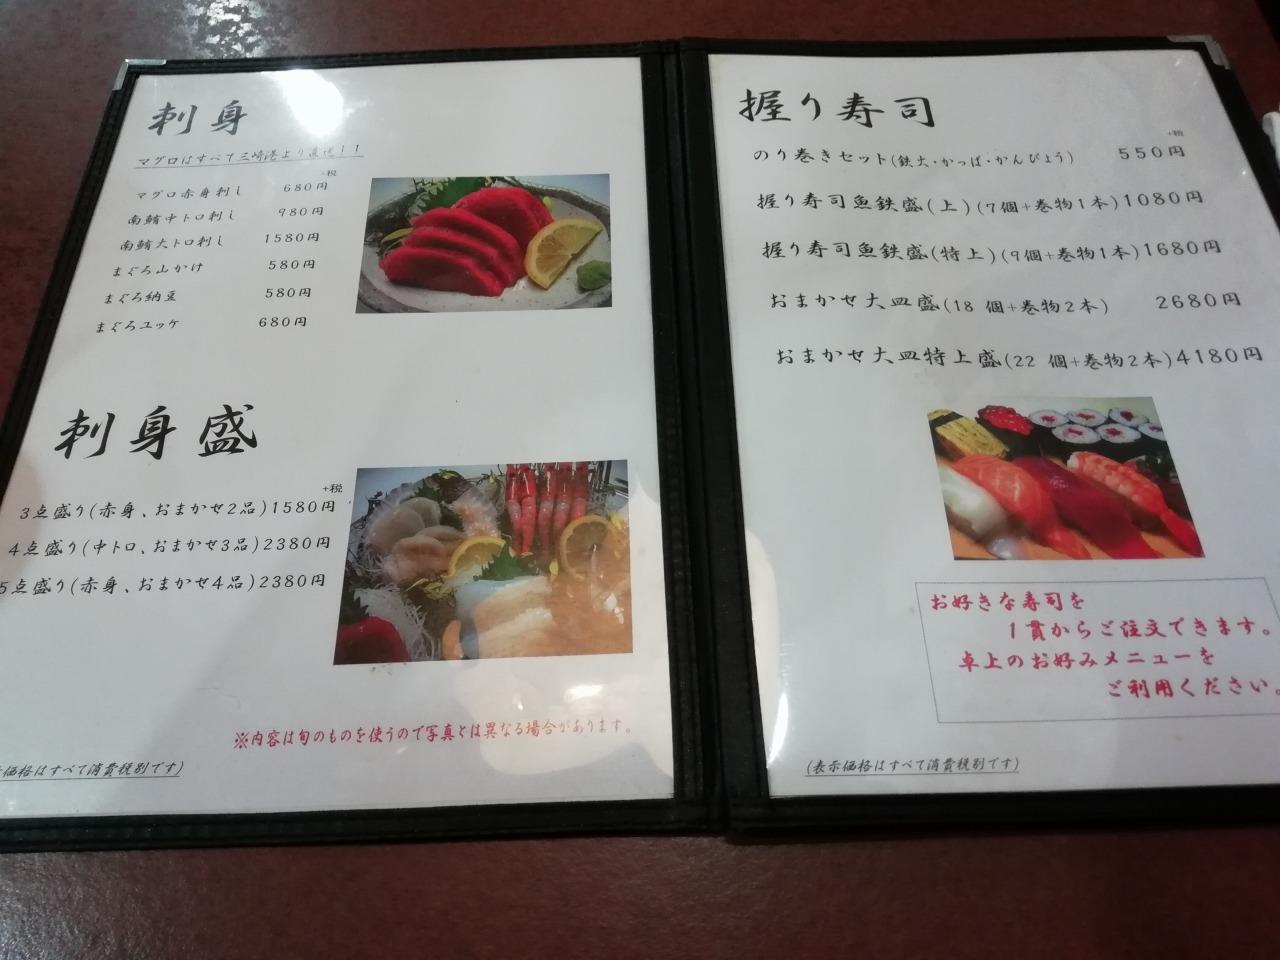 魚鉄食堂のメニュー(寿司)